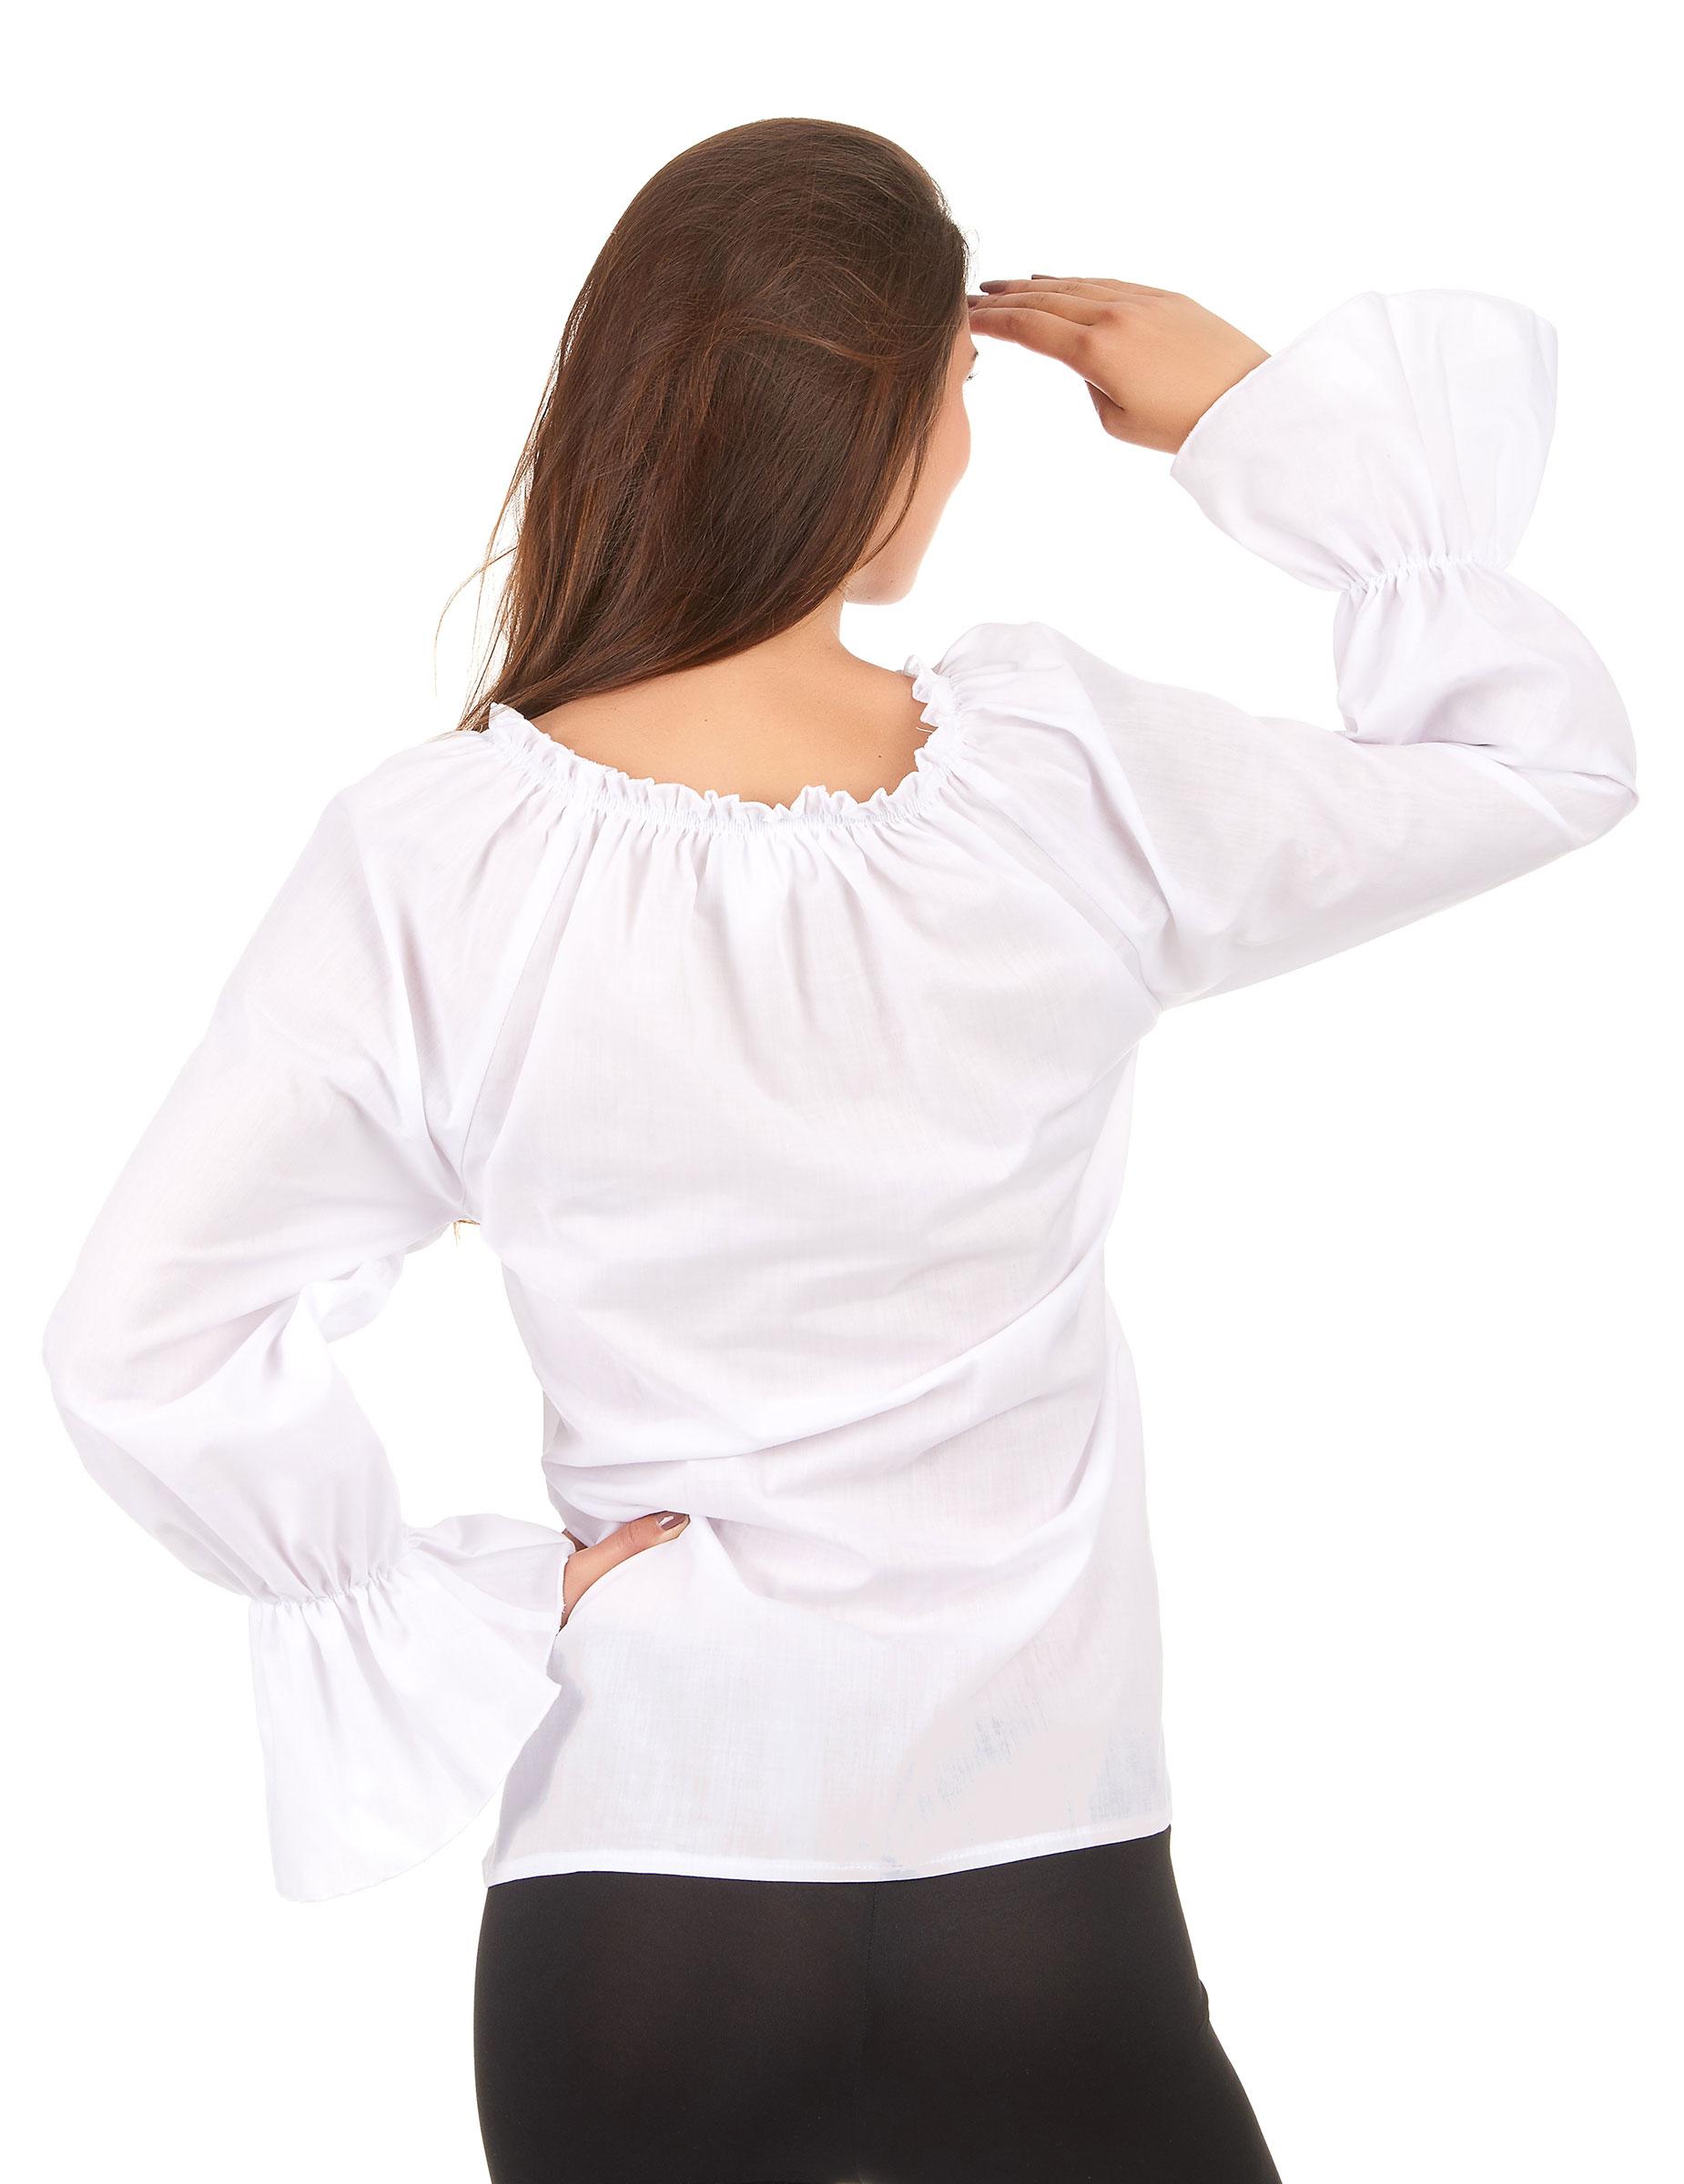 b54cffb52c28 Weiße Bluse für Damen  Kostüme für Erwachsene,und günstige ...